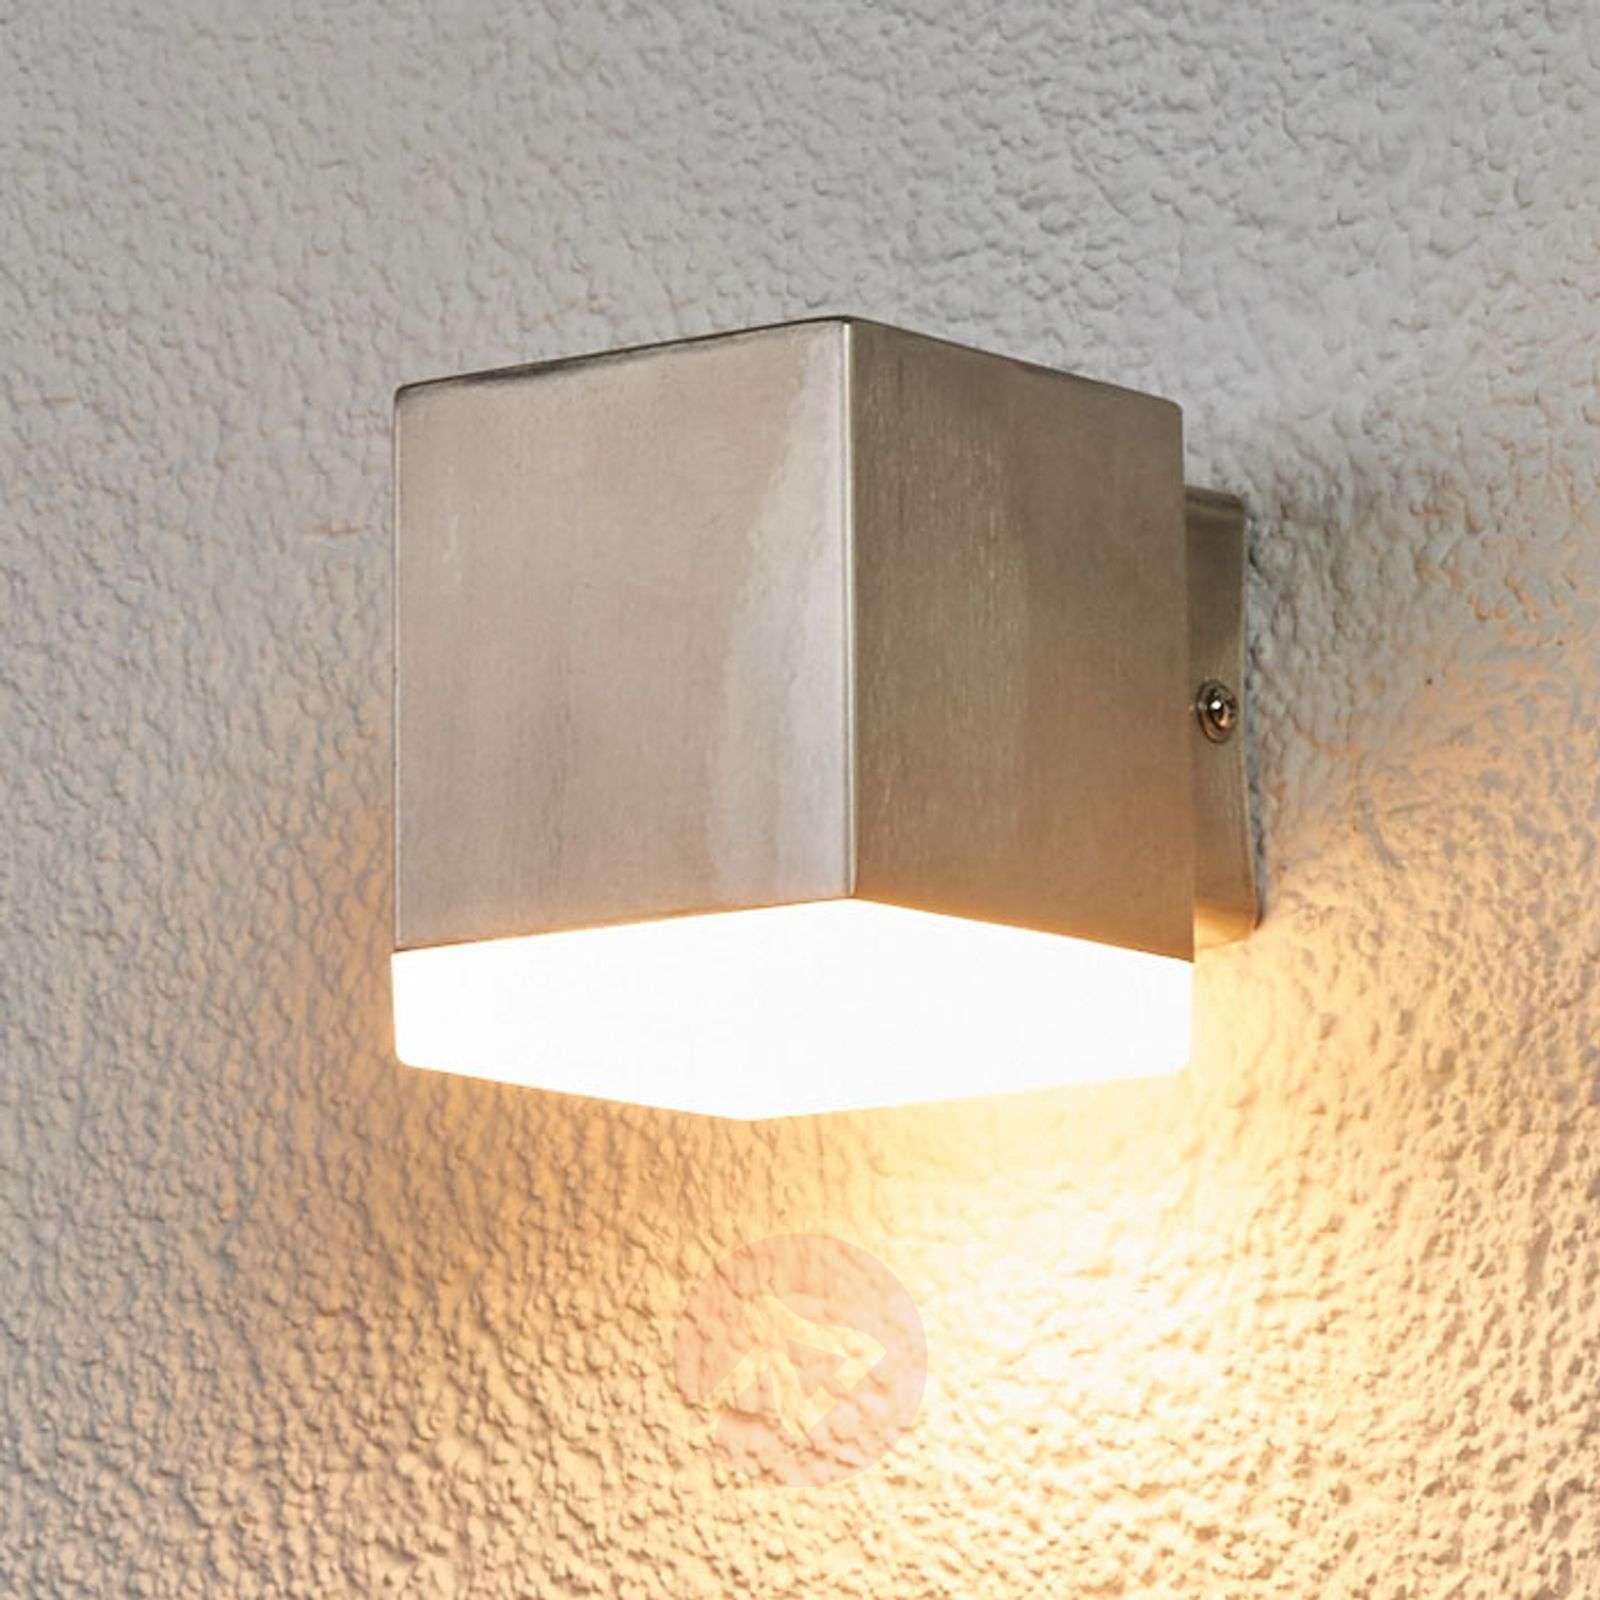 Kulmikas LED-ulkoseinävalaisin Hedda, ruostumaton-9988086-03